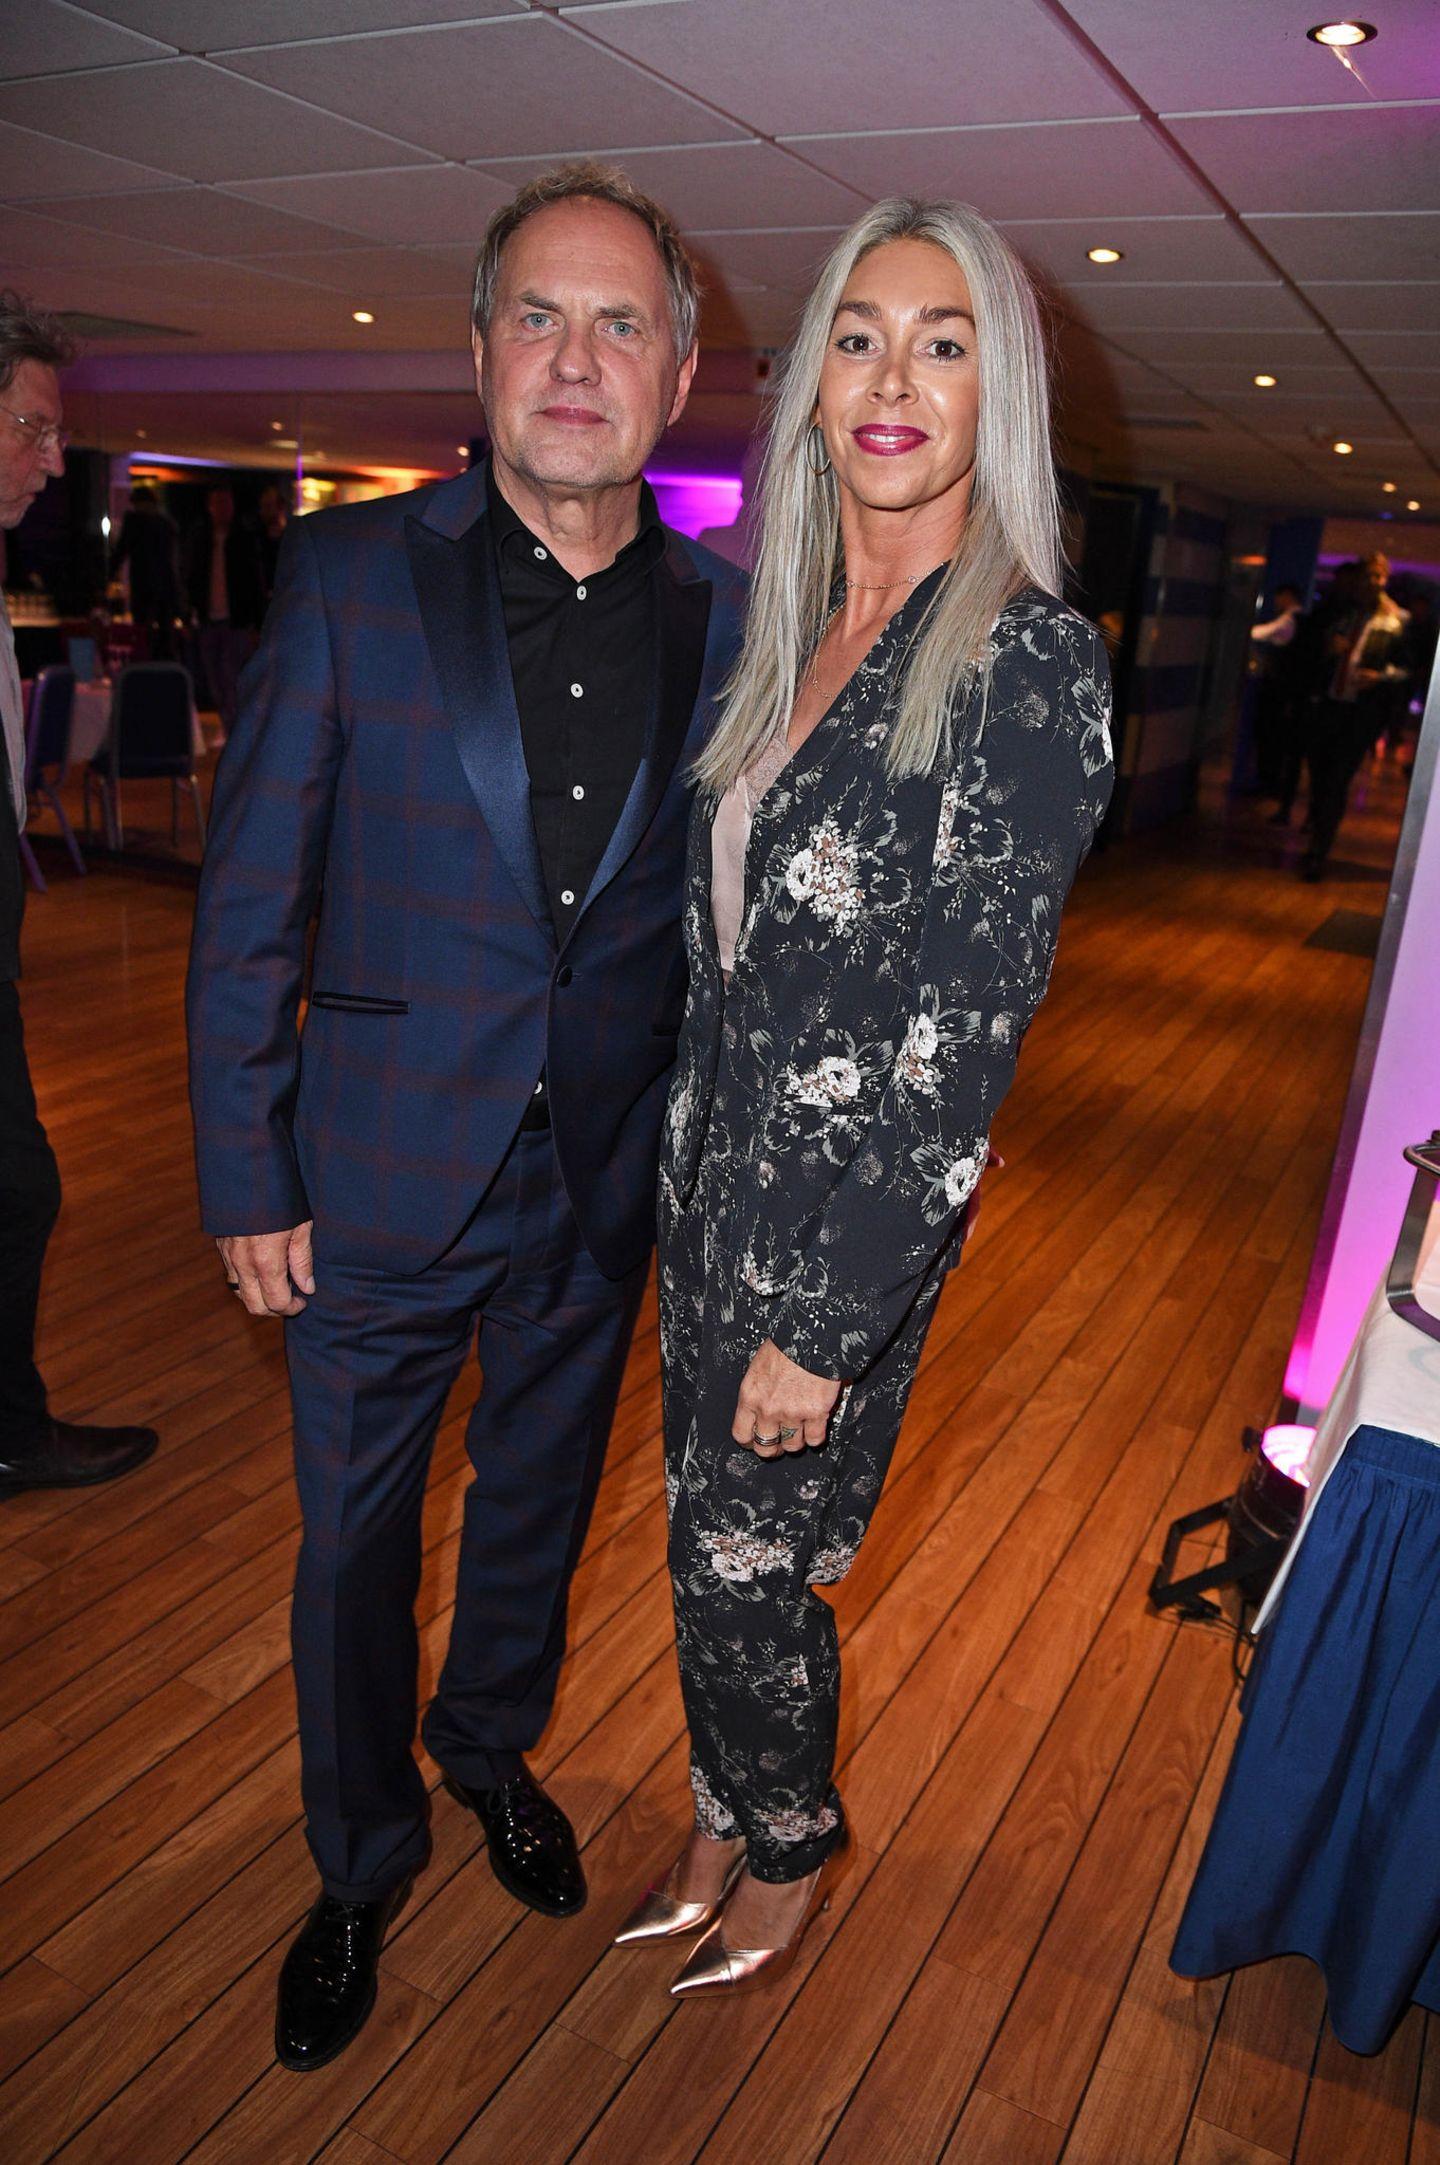 Filmpremiere: Uwe Ochsenknecht posiert mit seiner Frau